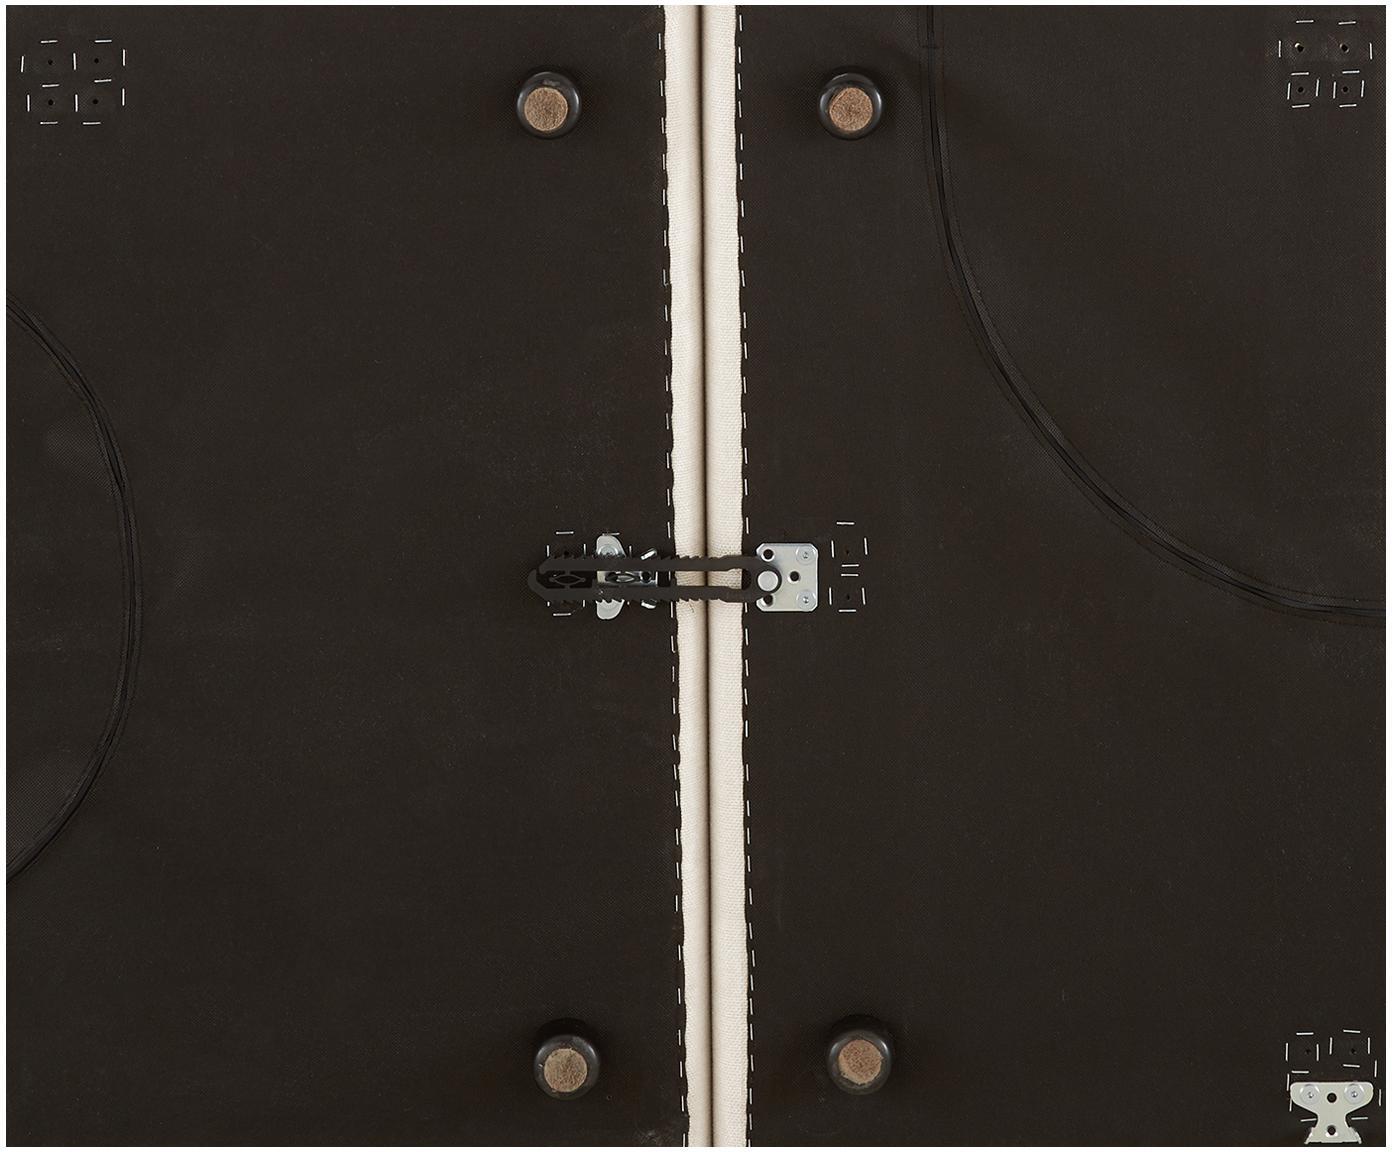 Szezlong modułowy XL Lennon, Tapicerka: poliester 35 000 cykli w , Stelaż: lite drewno sosnowe, skle, Nogi: tworzywo sztuczne, Beżowy, S 357 x G 119 cm